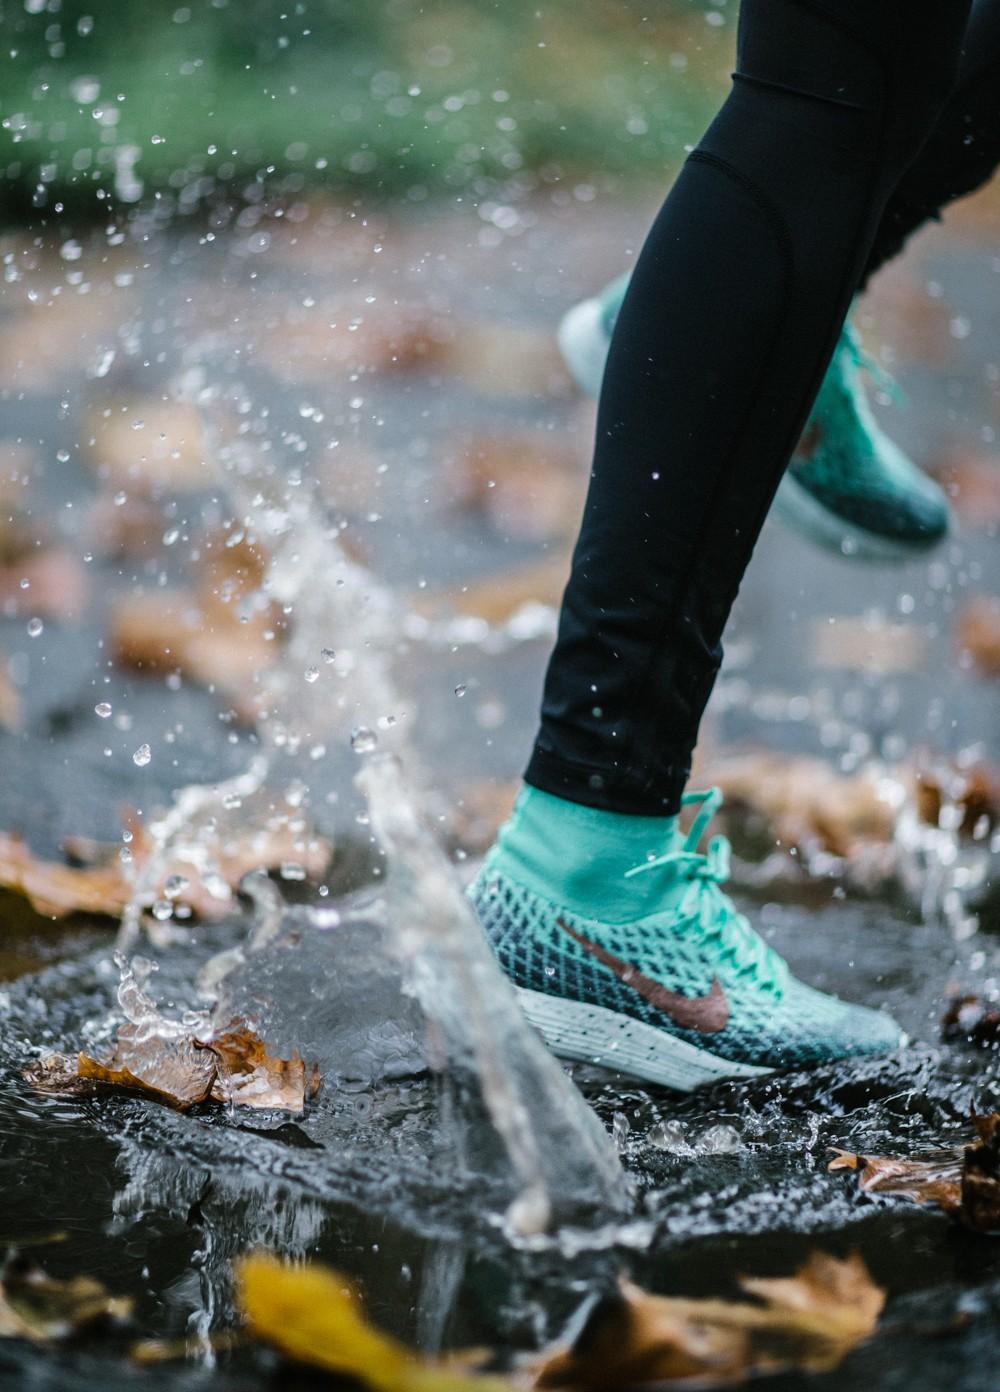 Nike waterproof trainers